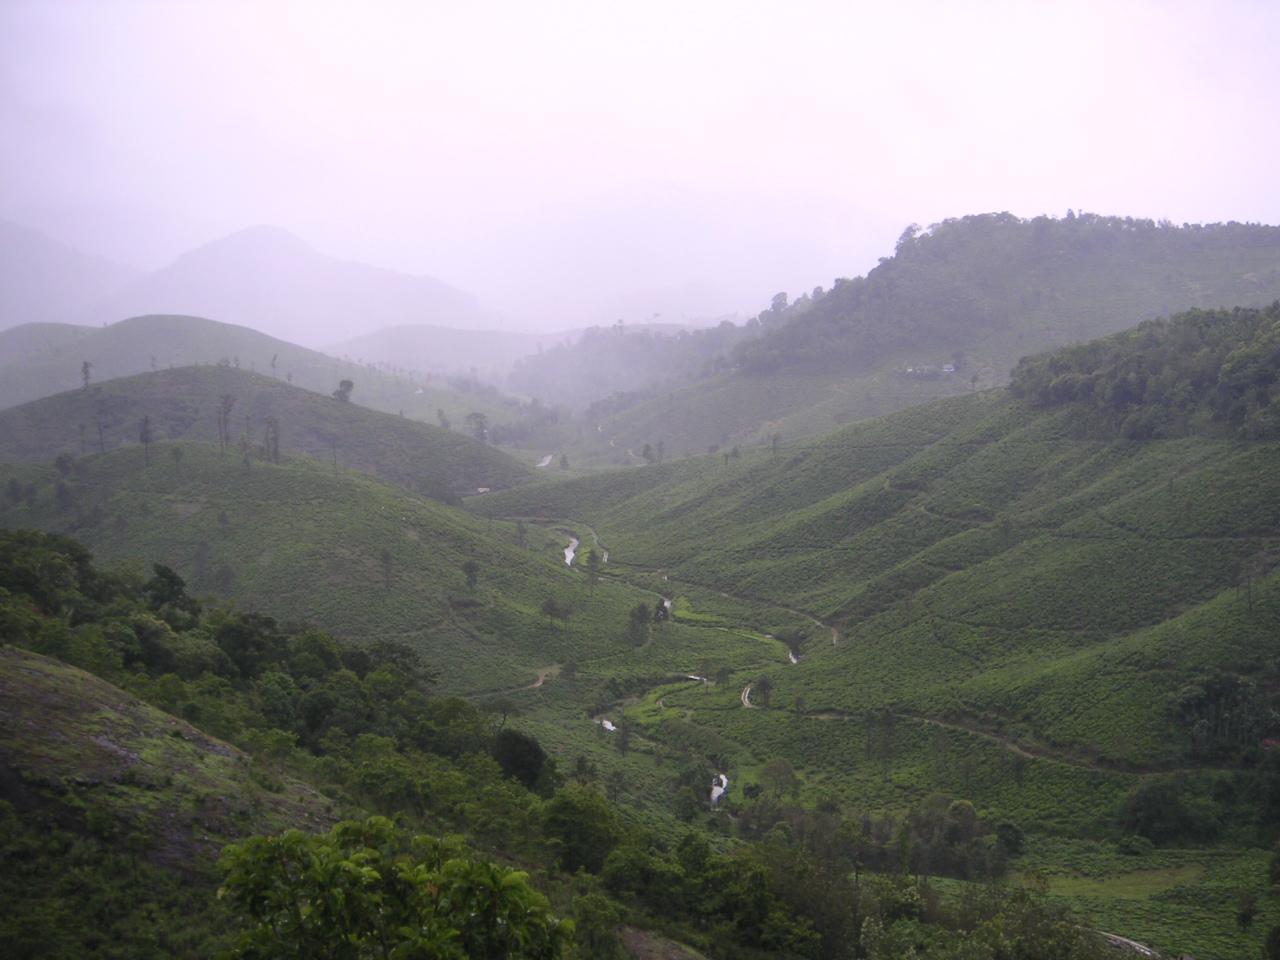 Peermedu Must-Visit Hill Station Within 500 Kms of Wayanad